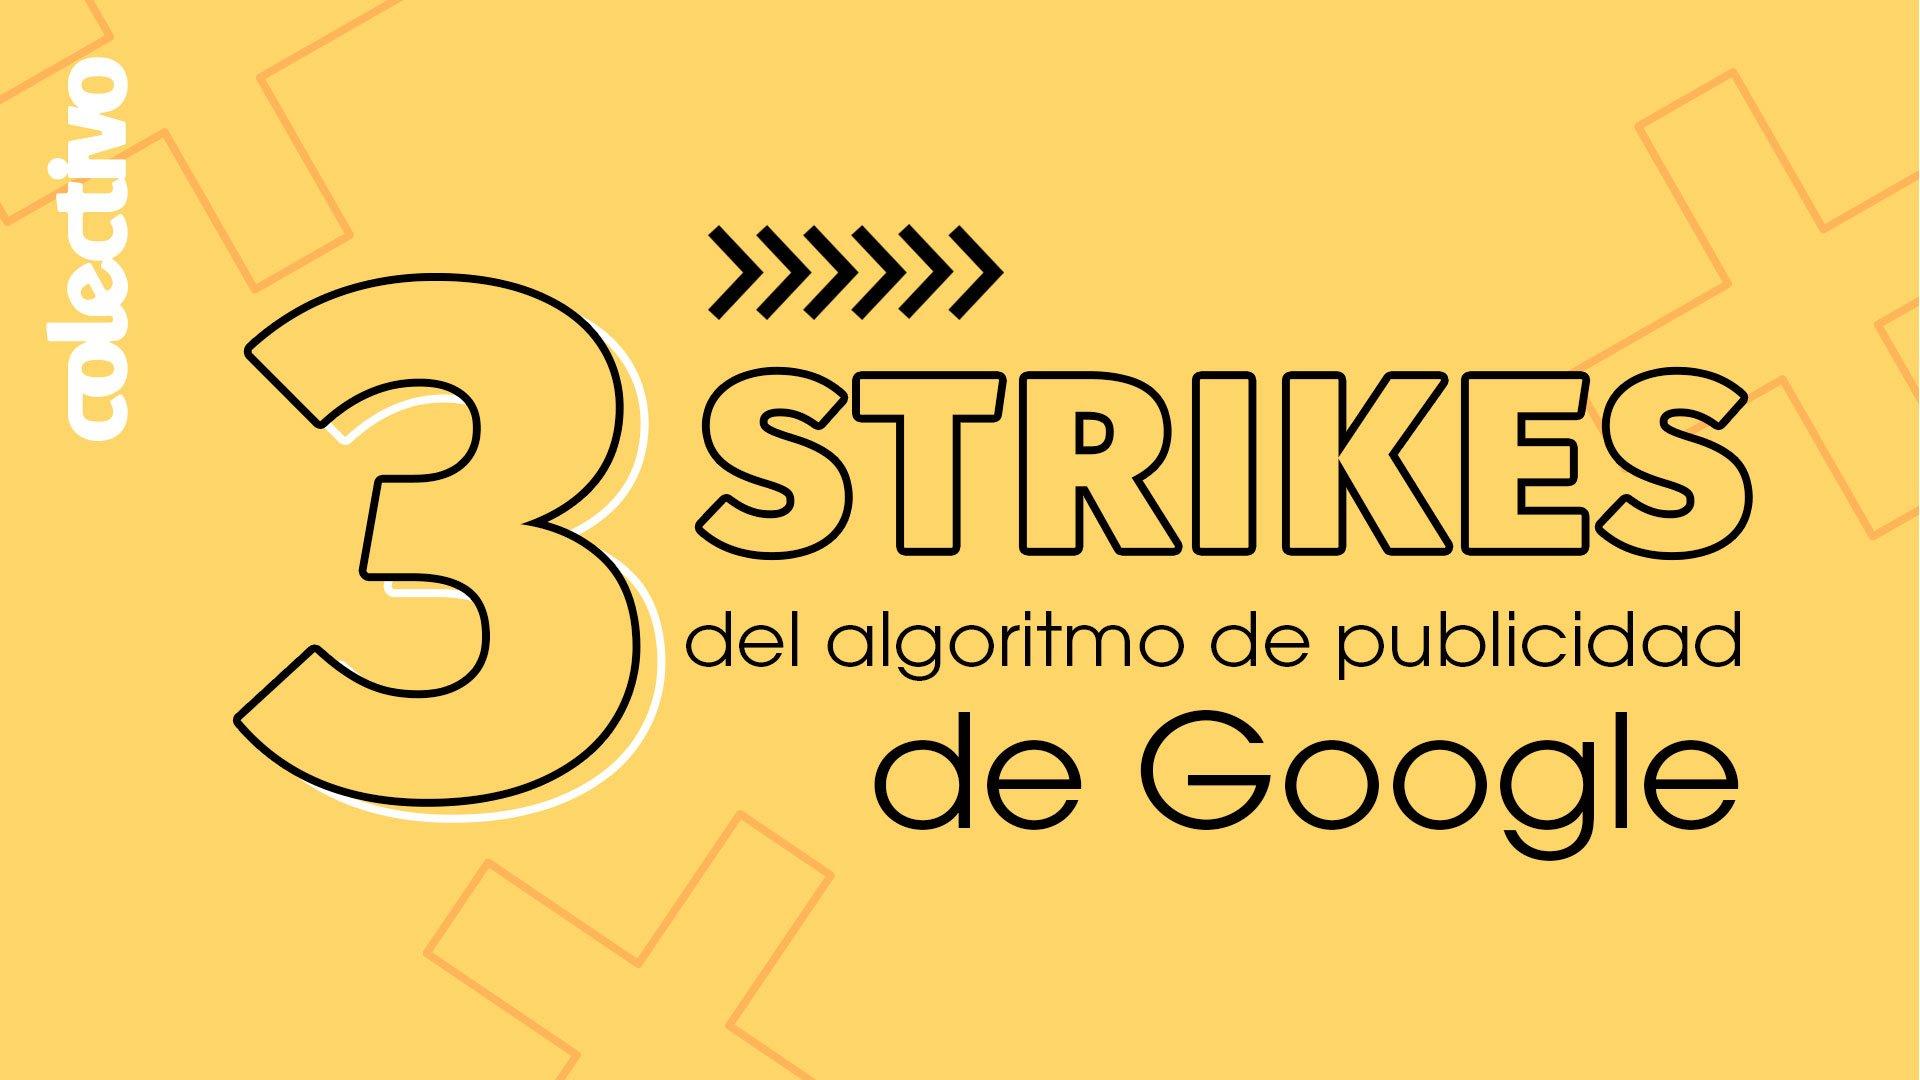 3 Strikes de algoritmos de publicidad de Google